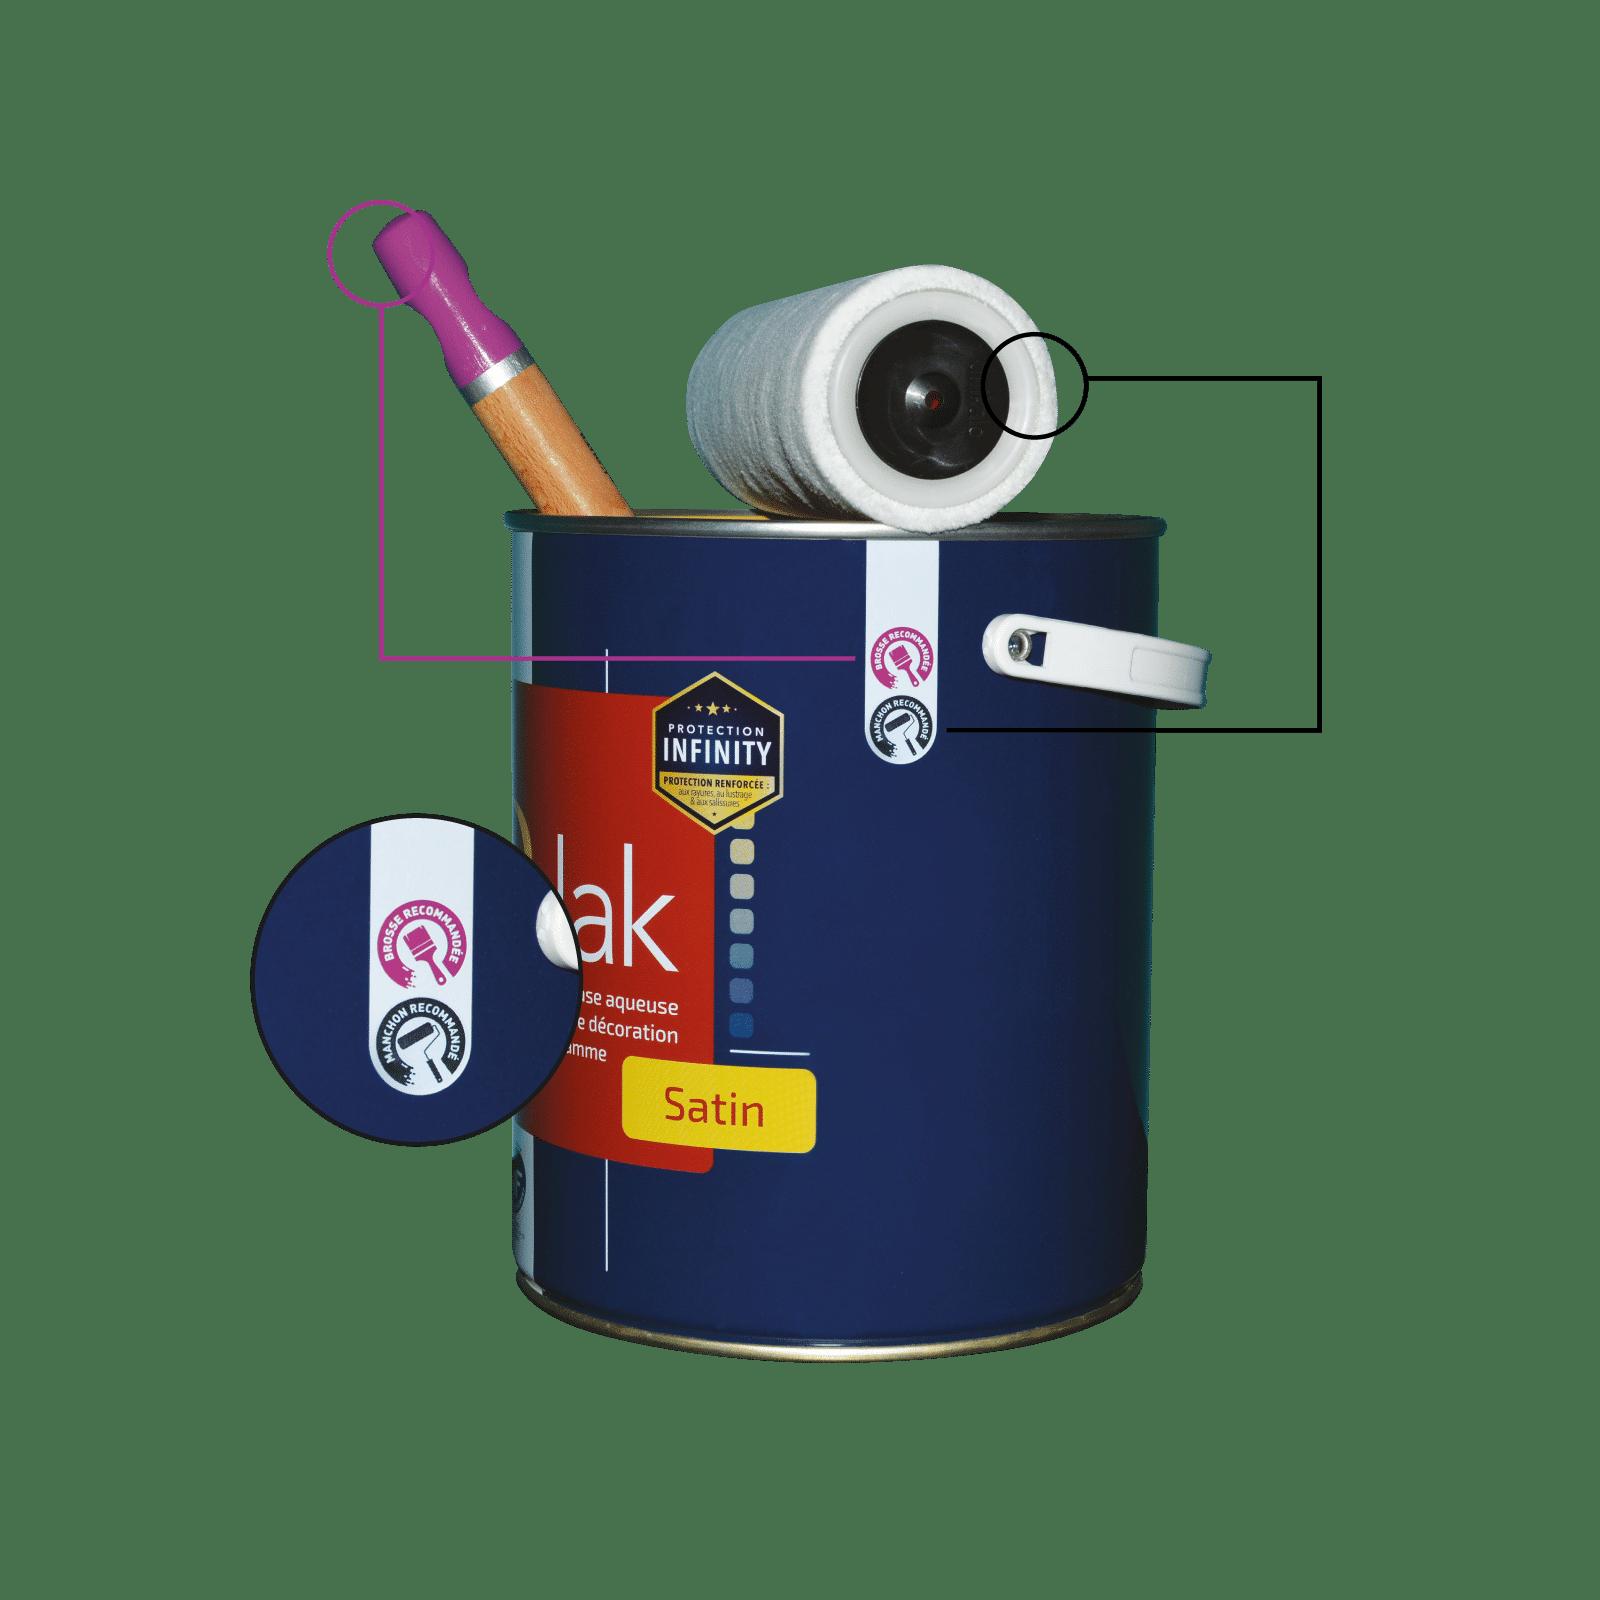 outil-parfait-manchon-brosse-rouleau-professionnel-peinture-unikalo